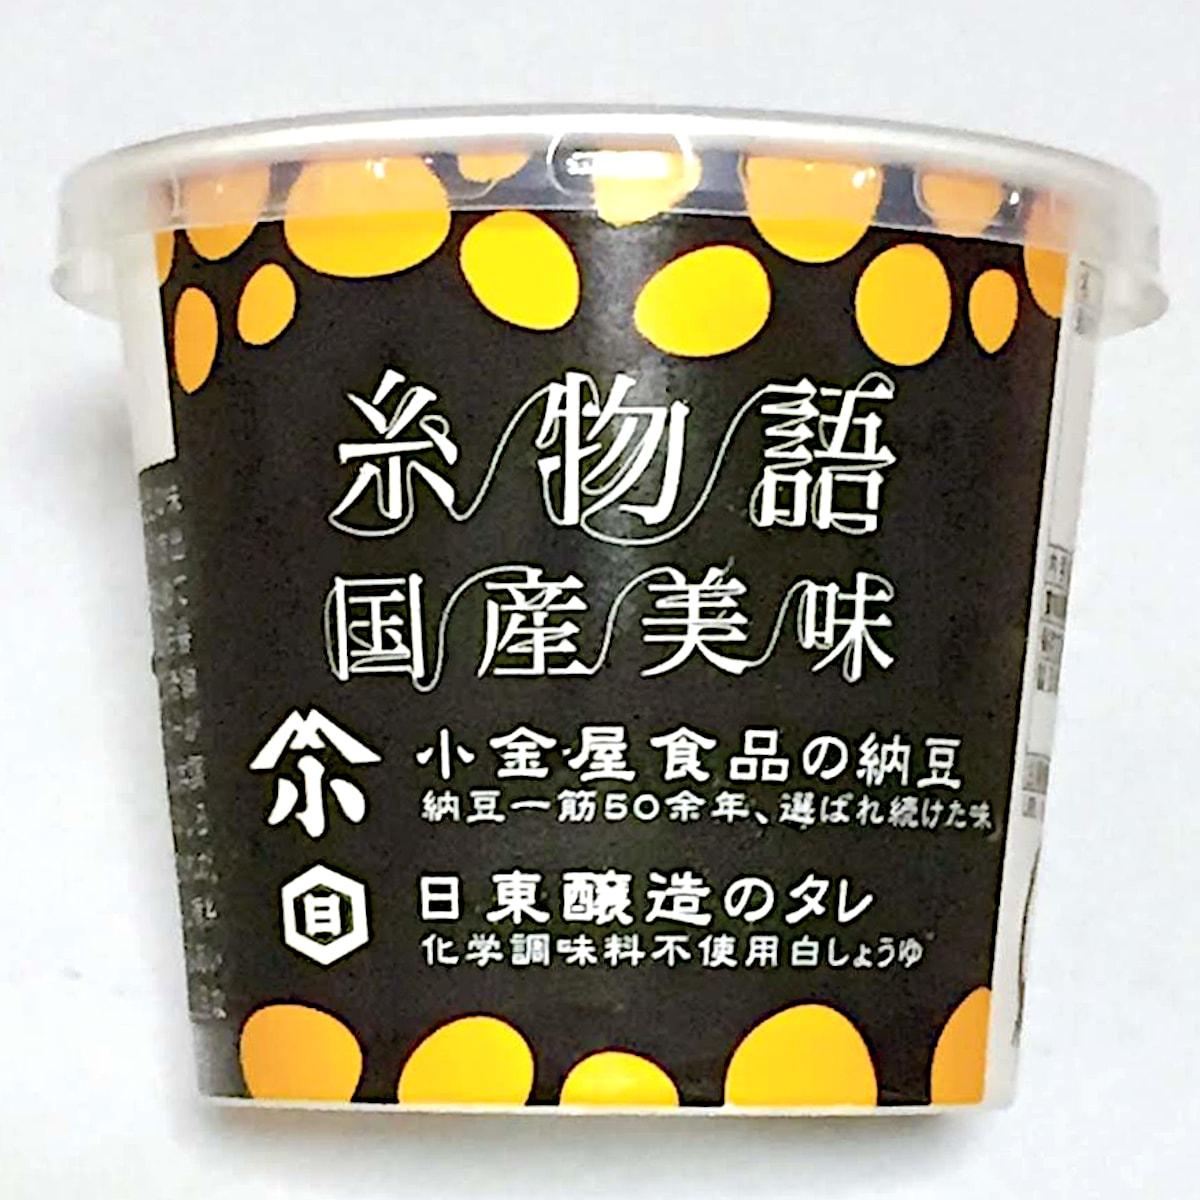 小金屋食品「糸物語 国産美味」